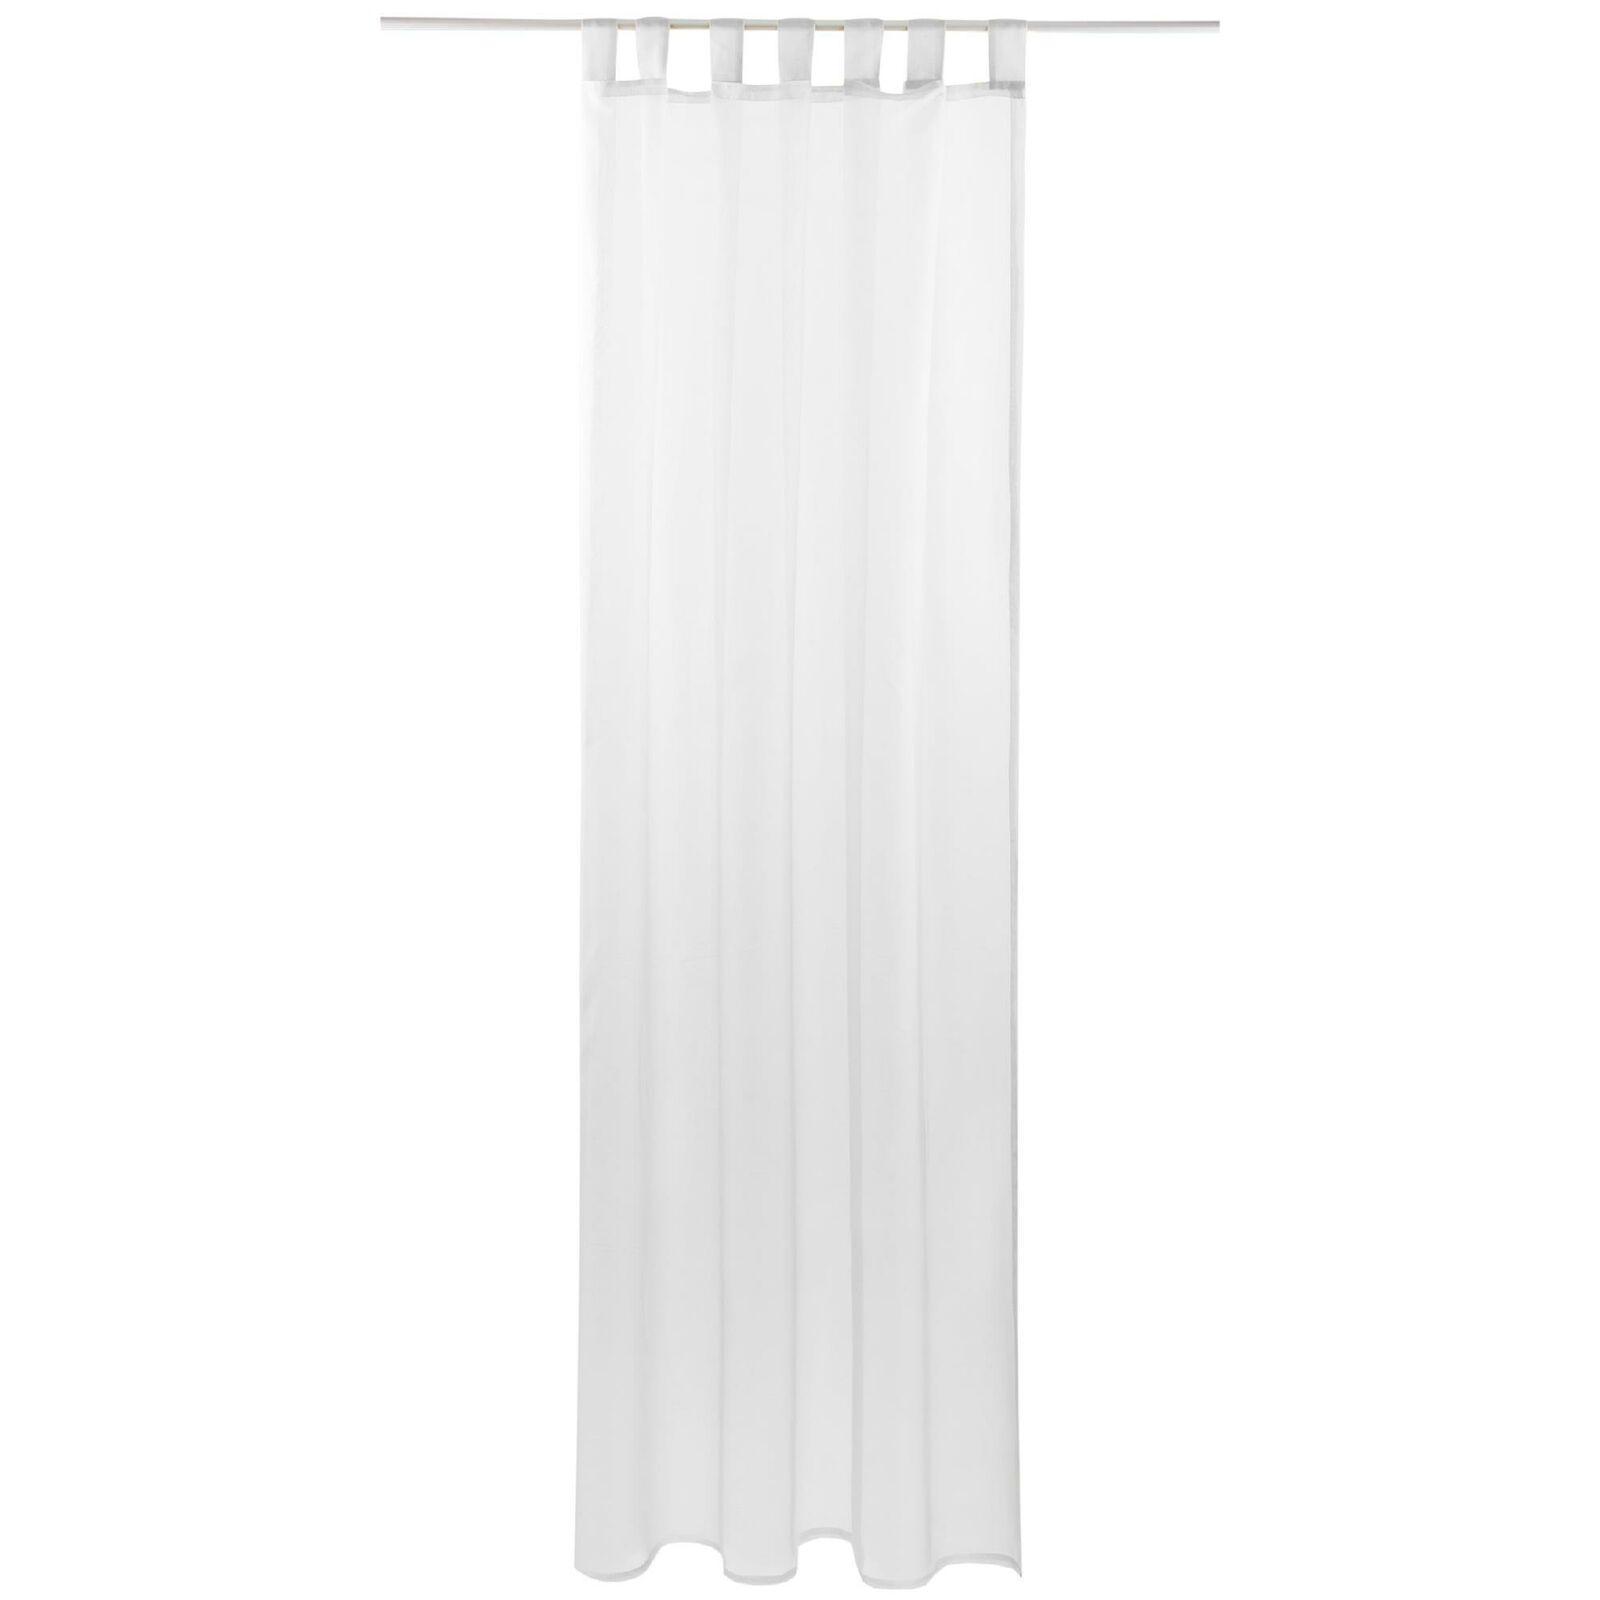 Schlaufenschal Vorhang mit Schlaufen Transparent Voile Uni Gardine große Auswahl weiß - reinweiß